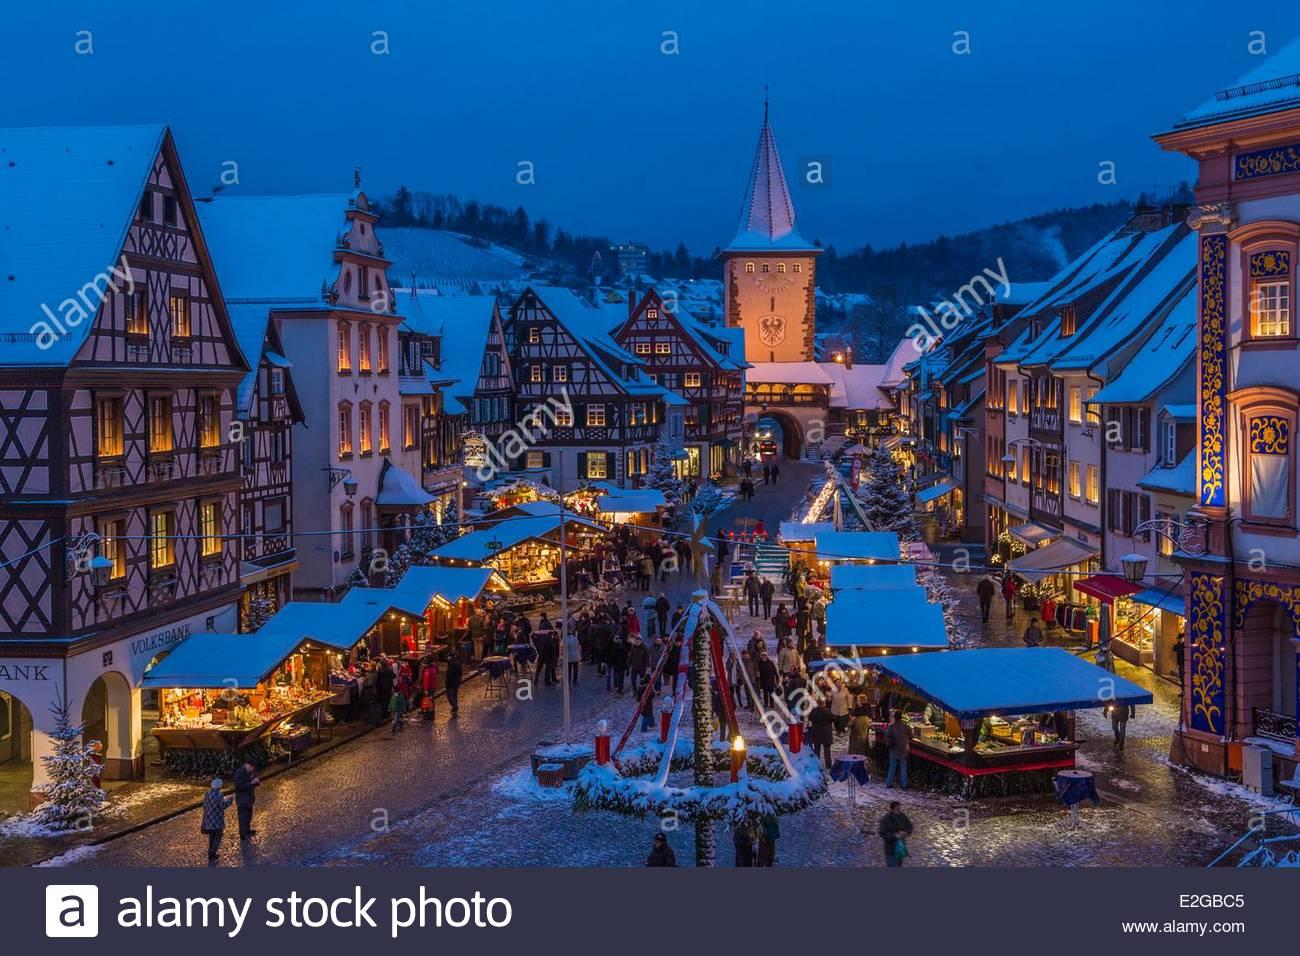 Germania Baden Wurrtemberg Foresta Nera Gengenbach mercatino di Natale sulla piazza del paese e il calendario dell'Avvento Immagini Stock